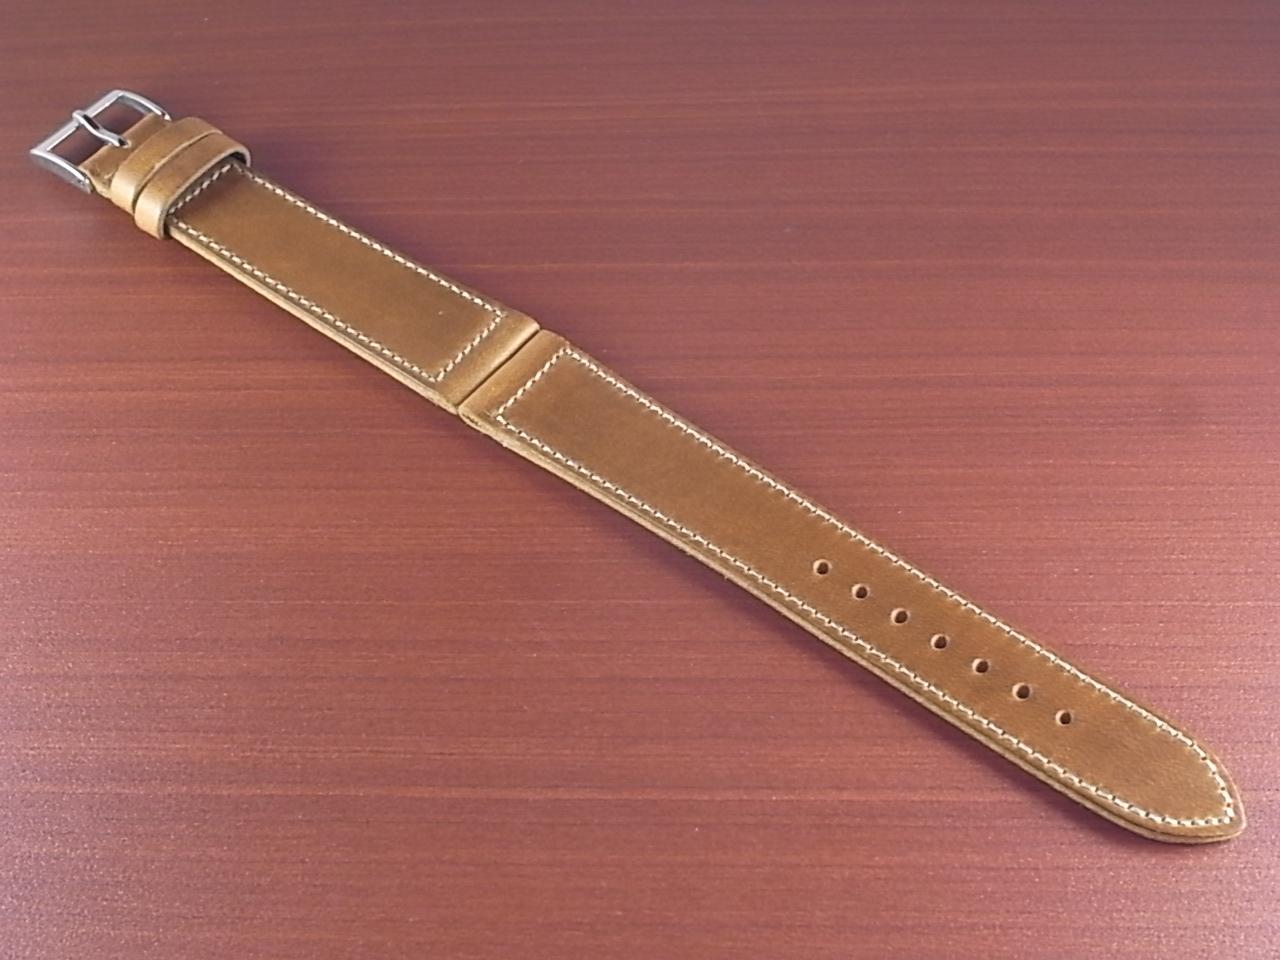 ホーウィン クロムエクセル レギュラー モカ 16、17、18、19、20mmのメイン写真